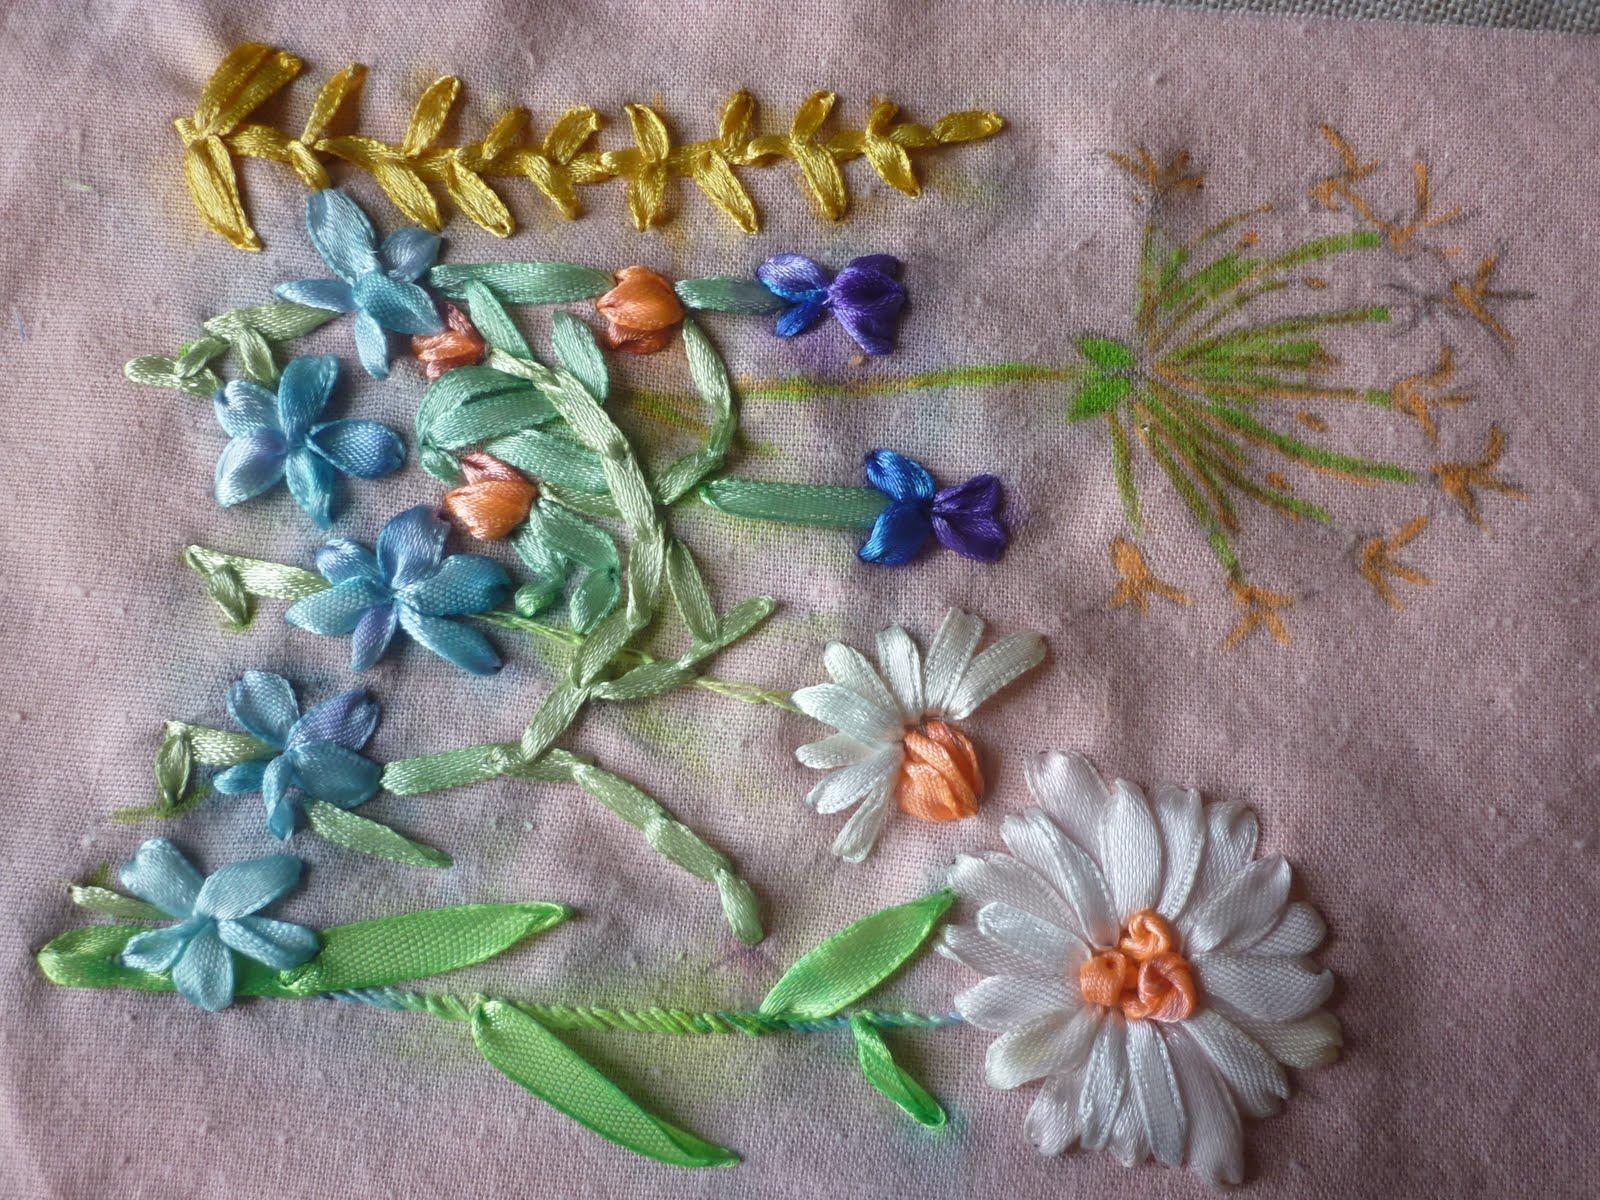 Вышивка лентами и другие виды рукоделия. Мои МК